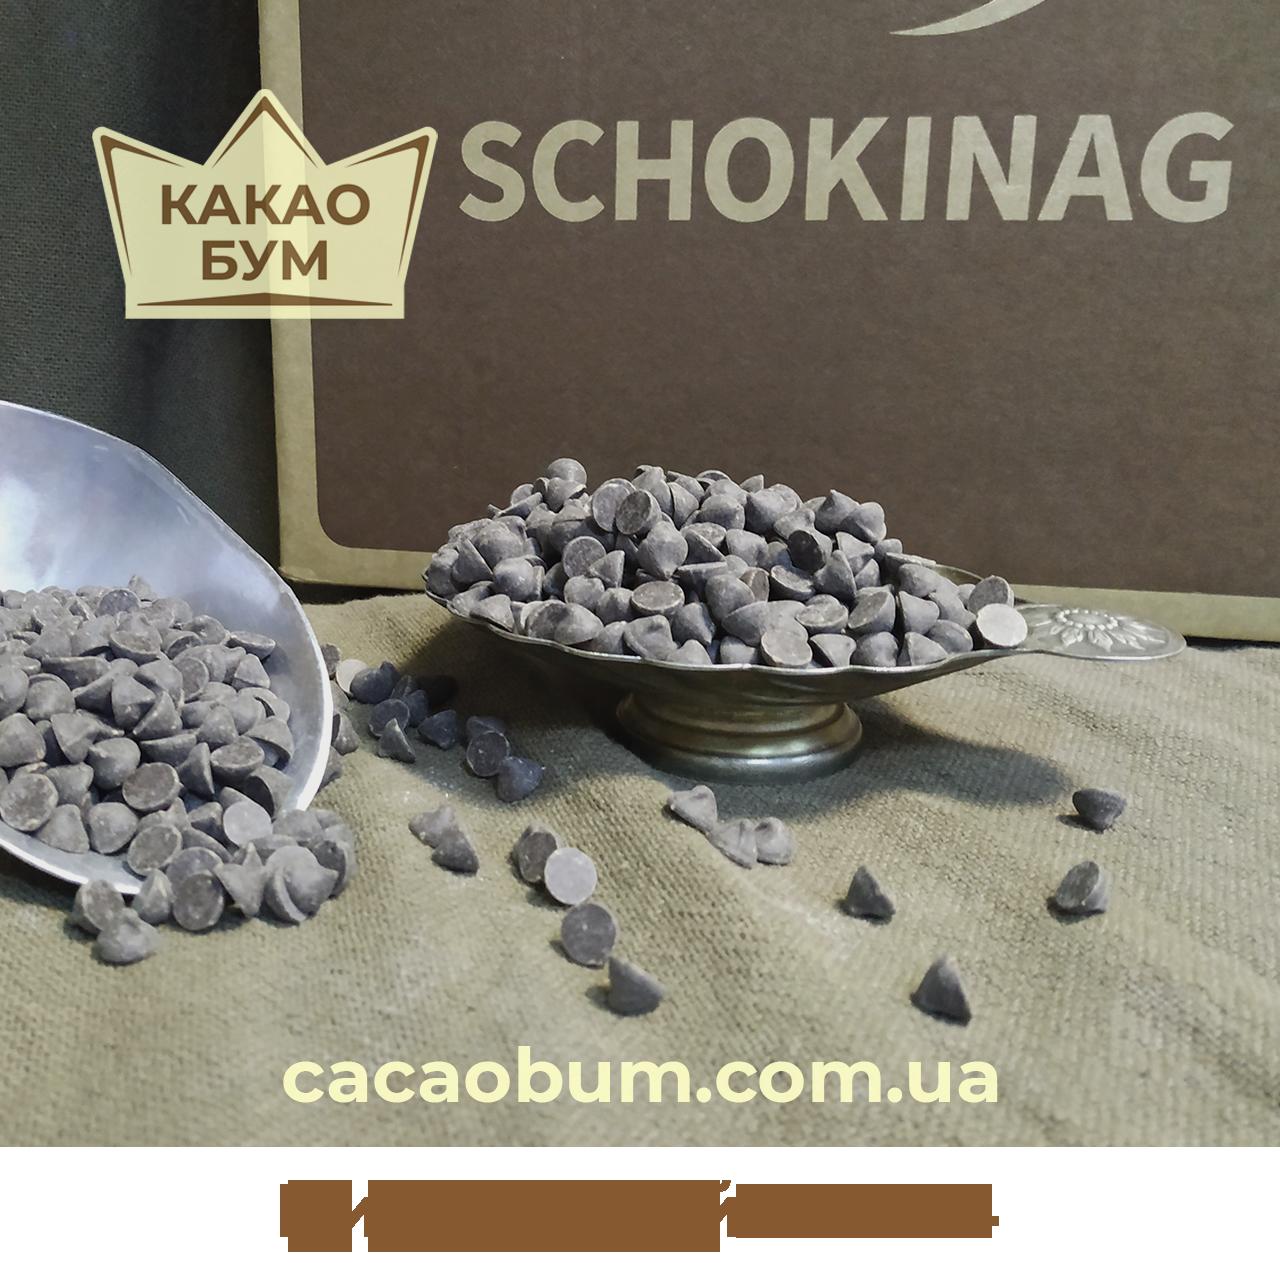 Шоколад справжній без домішок чорний 71% Schokinag (Німеччина) 1 кг в каллетах